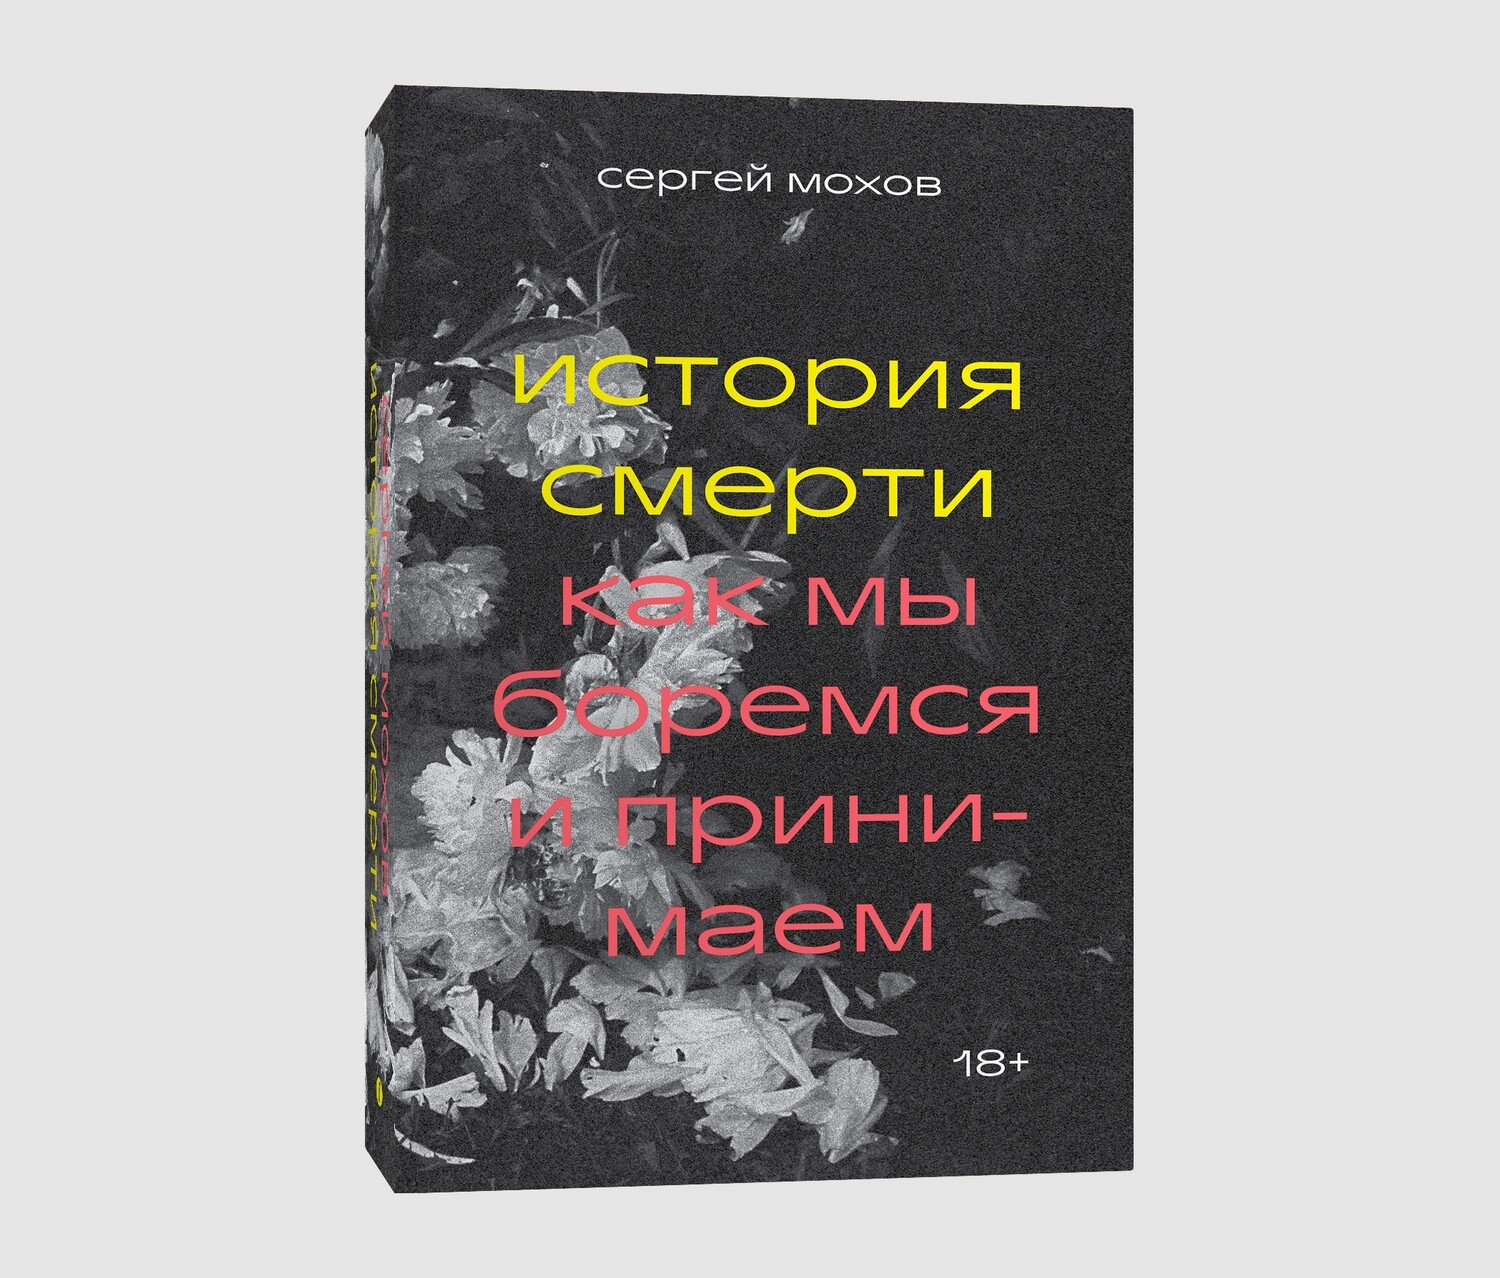 Предзаказ книги «История смерти. Как мы боремся и принимаем» Сергея Мохова